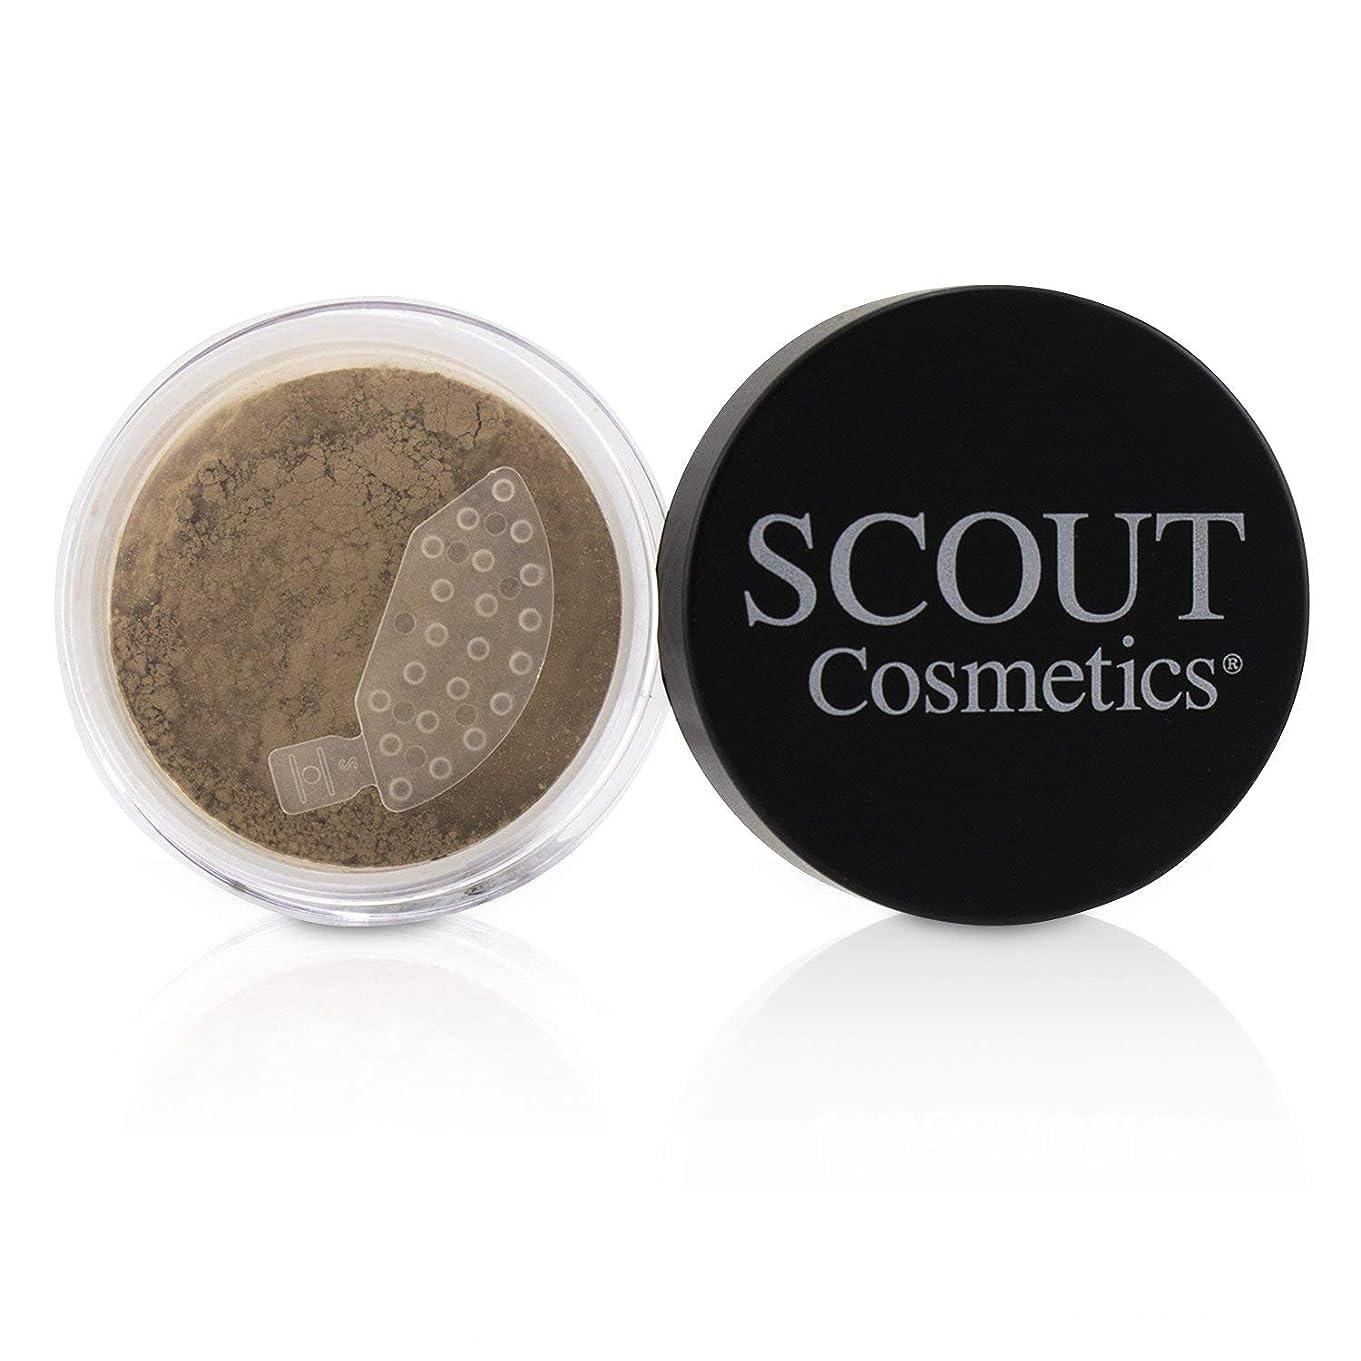 ギャップケープ軌道SCOUT Cosmetics Mineral Powder Foundation SPF 20 - # Sunset 8g/0.28oz並行輸入品